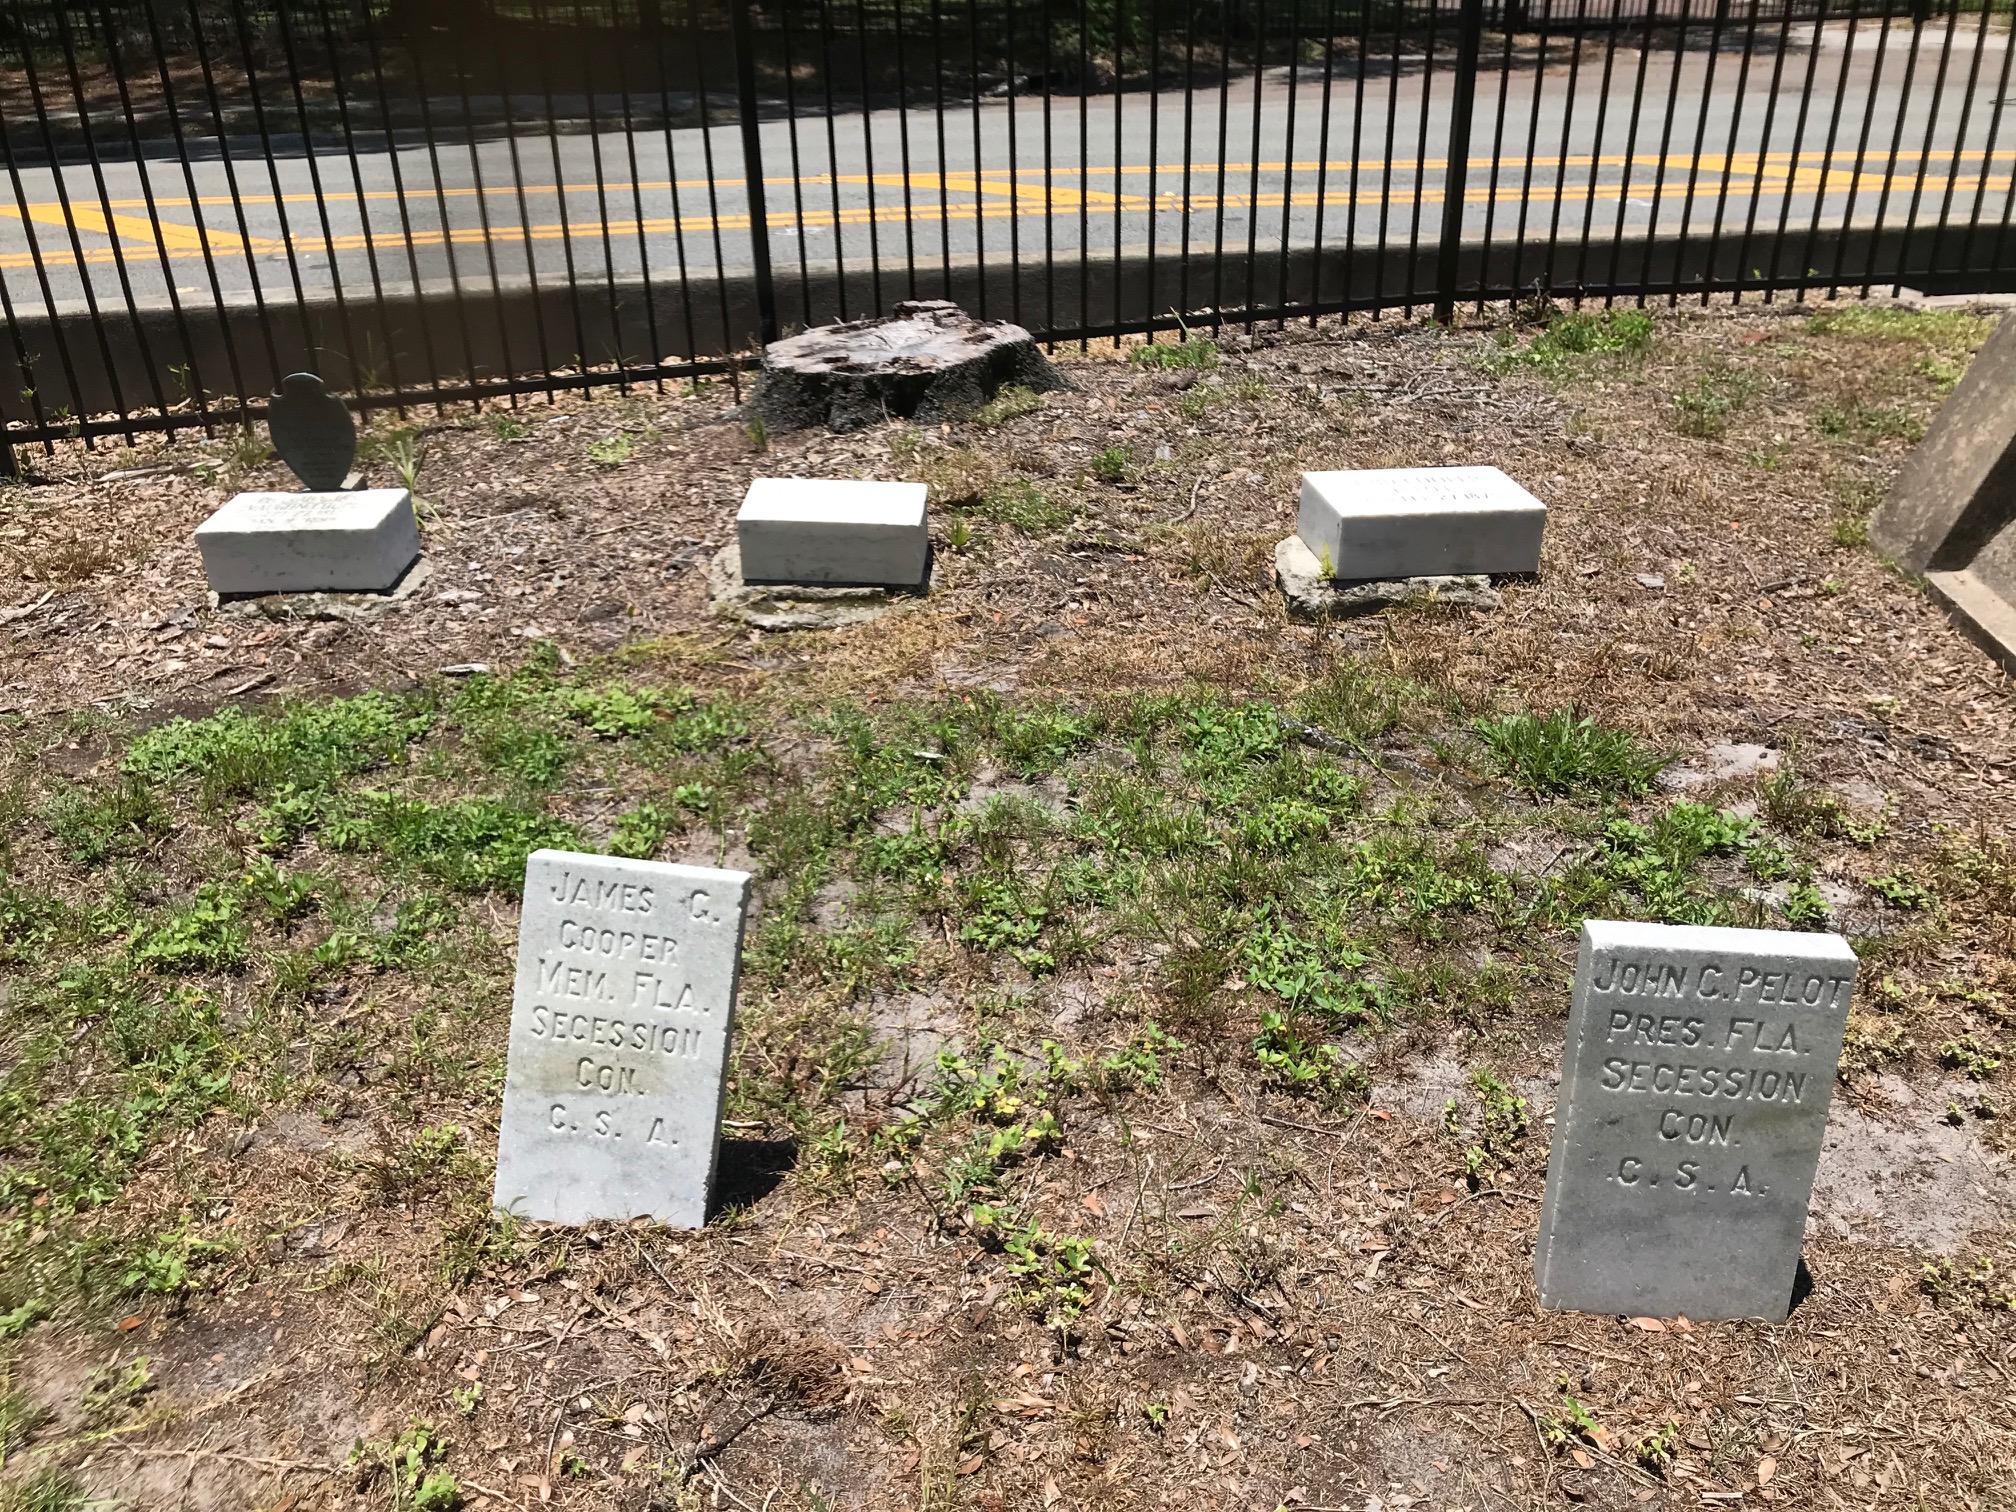 Pelot Family Graves